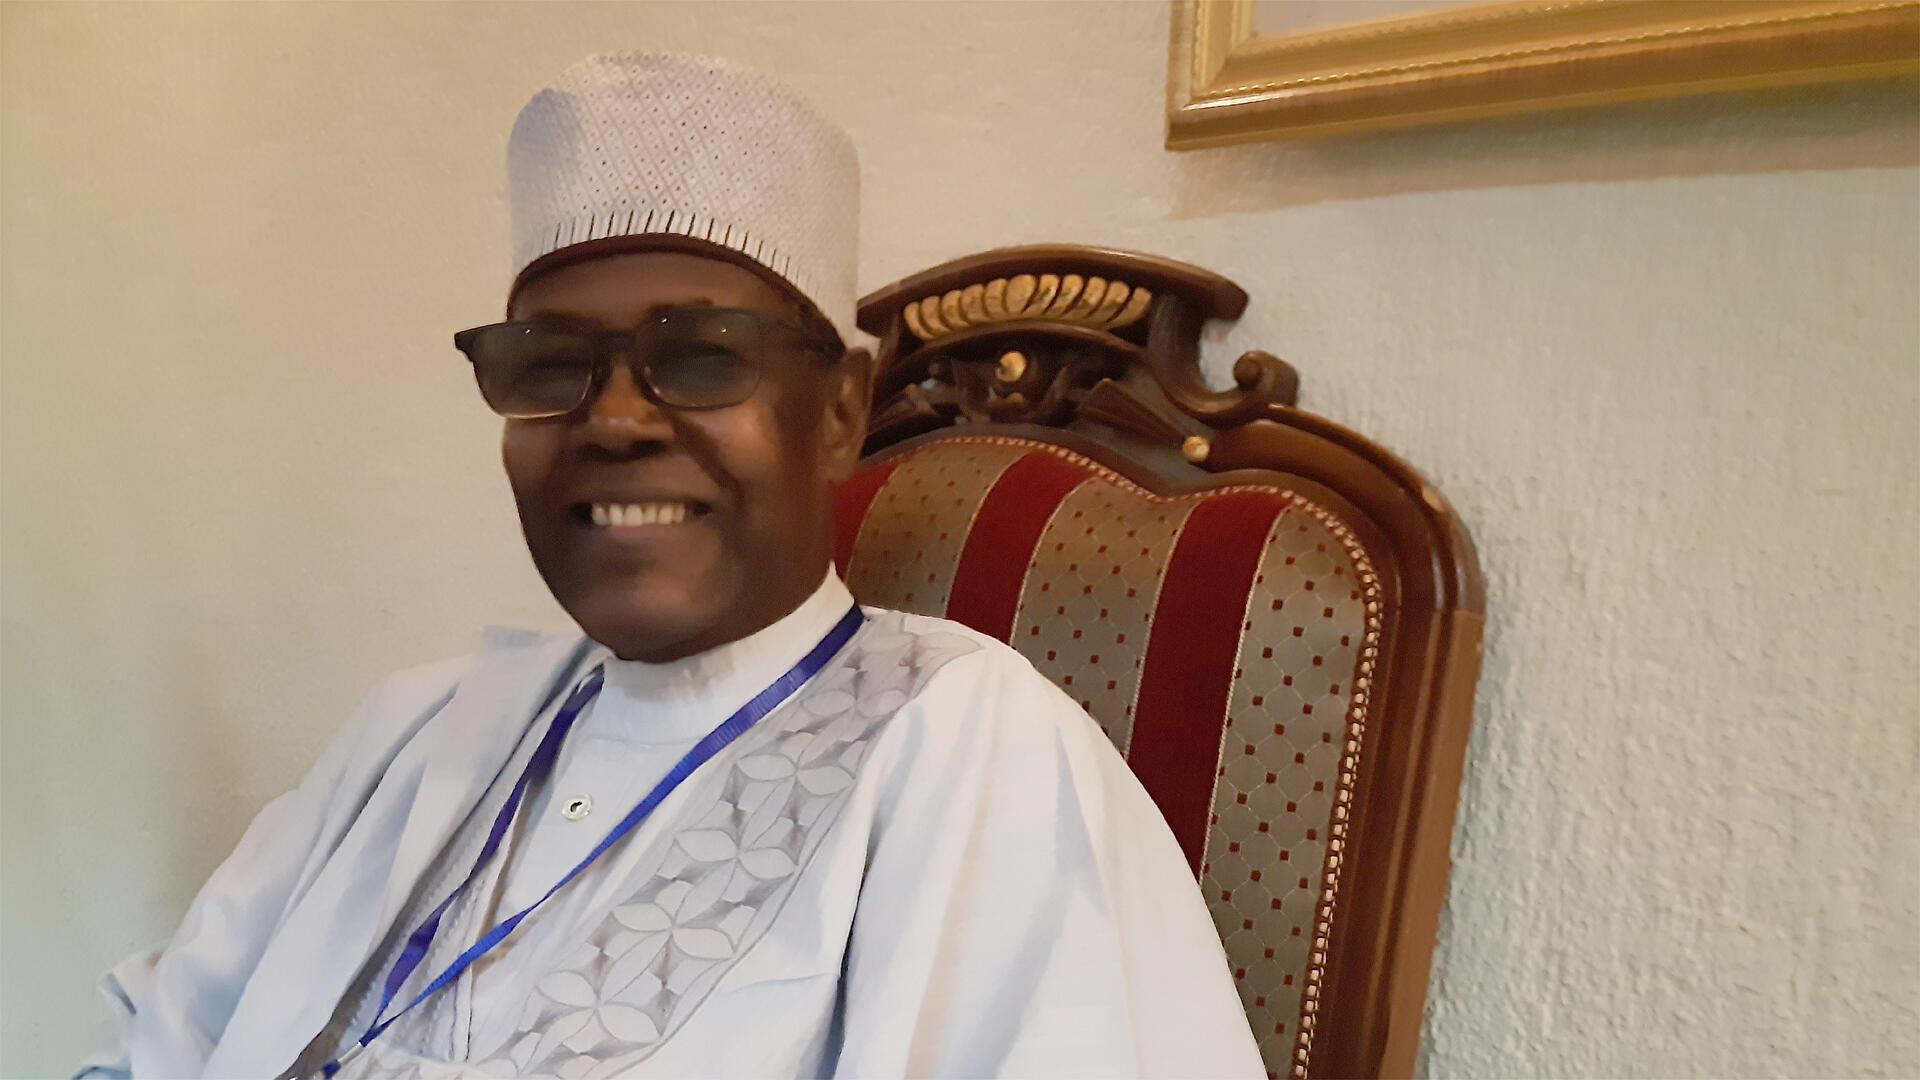 Dr Djimé Adoum, secrétaire exécutif du Comité Permanent Inter-États de Lutte contre la Sécheresse au Sahel.